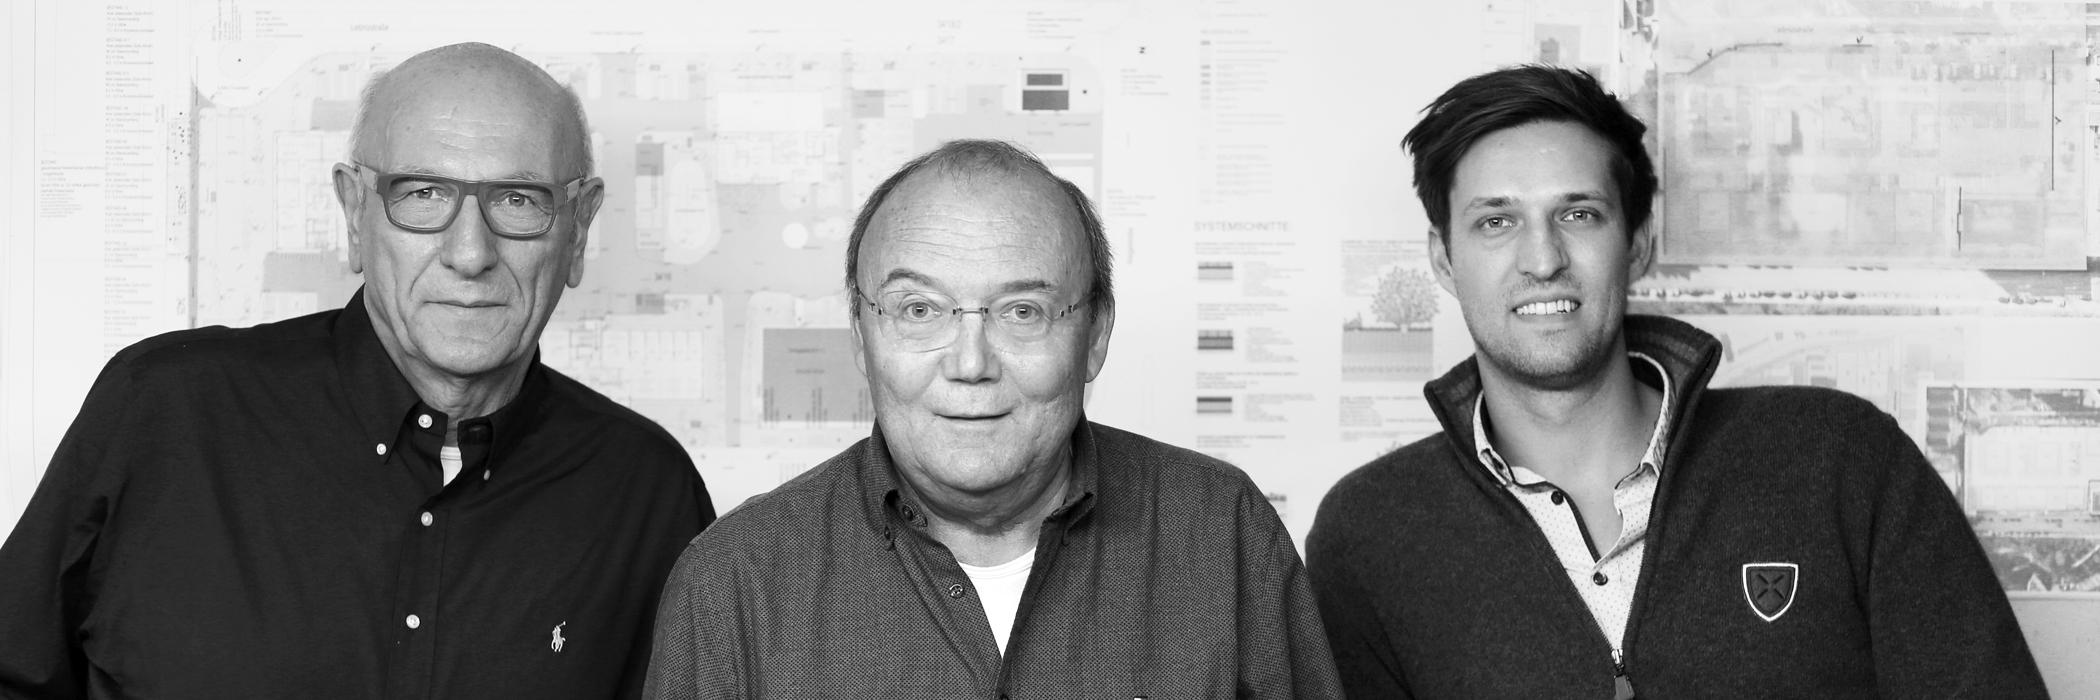 Rauh + Müller Architekten GmbH